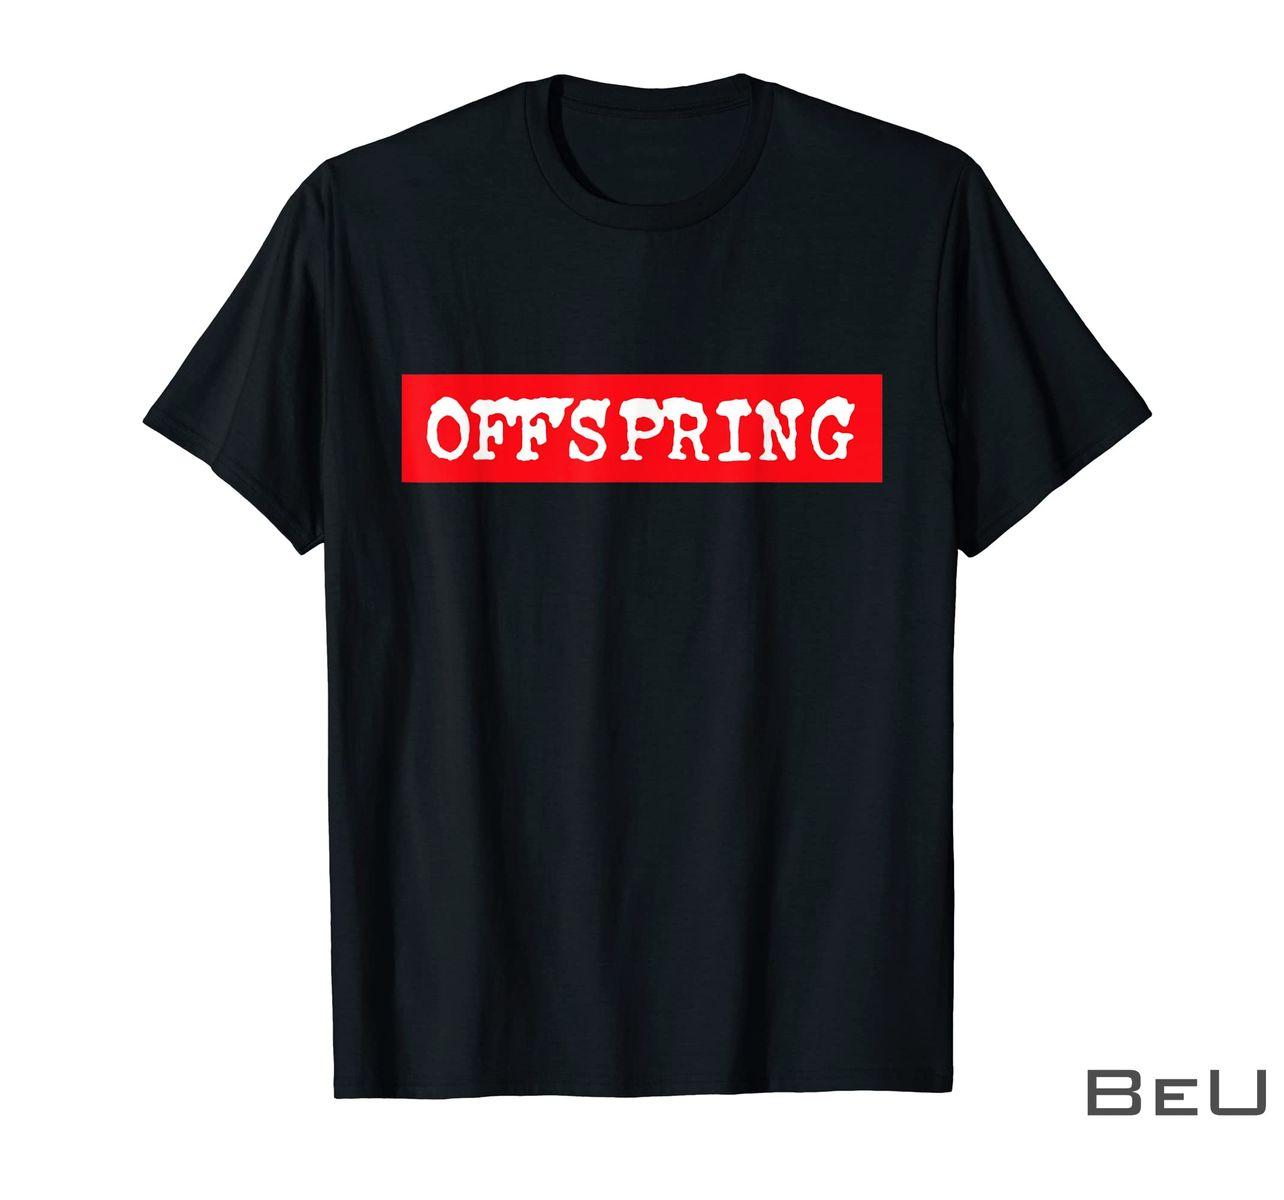 The Offspring Shirt